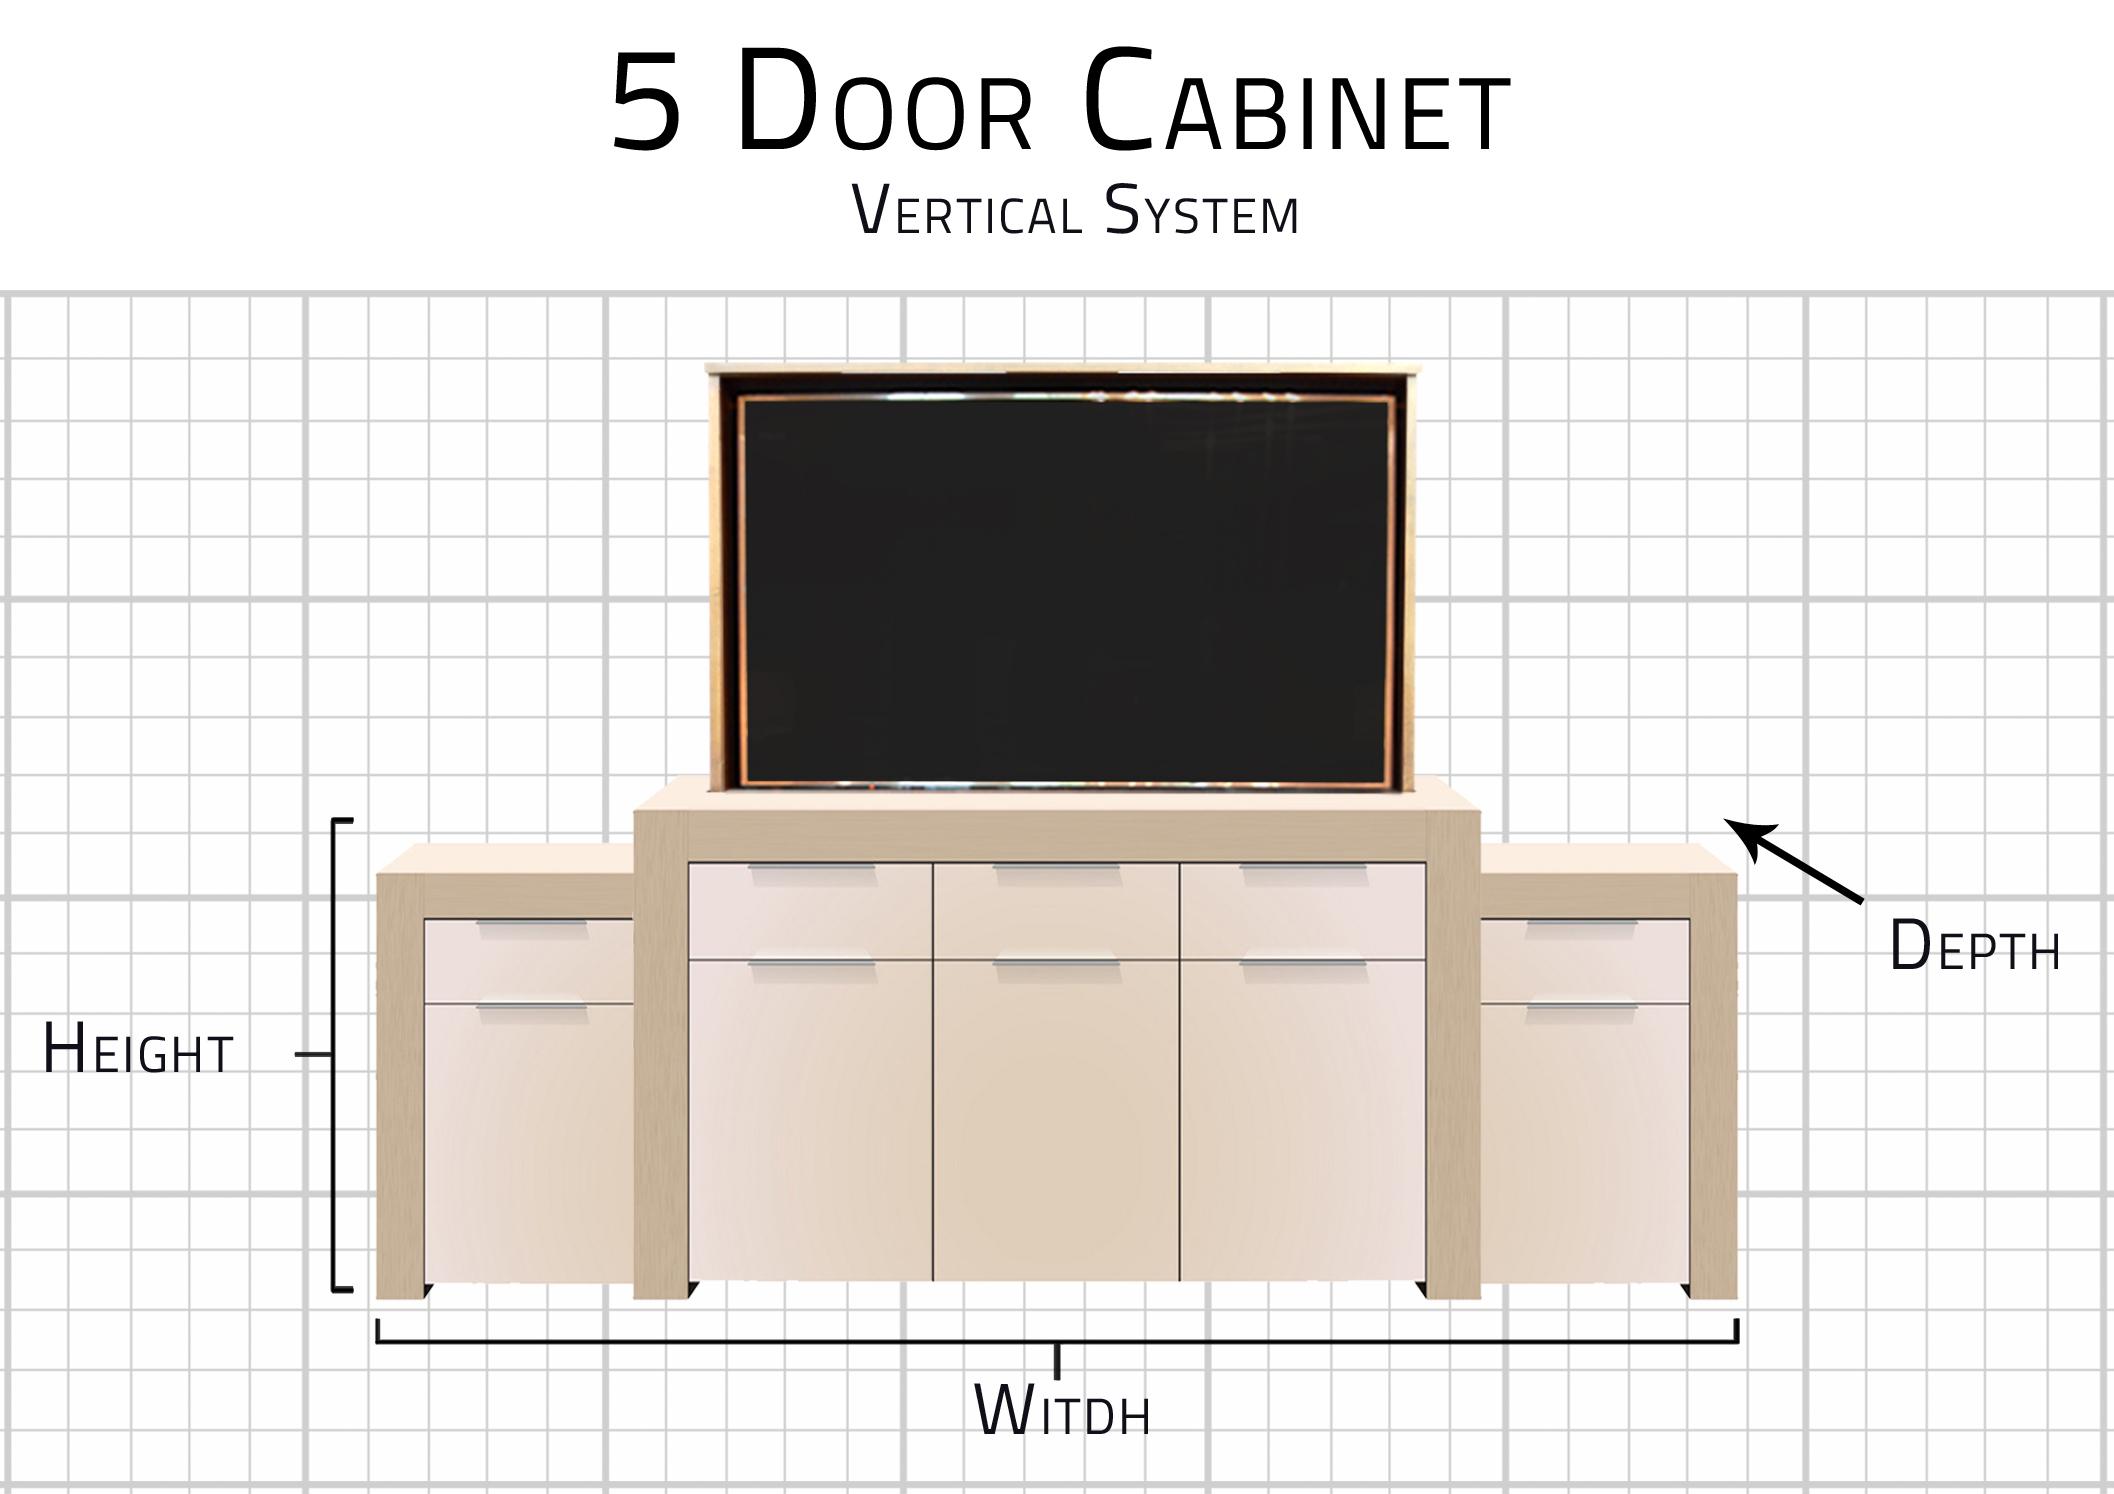 5 Door Standard Dimensions